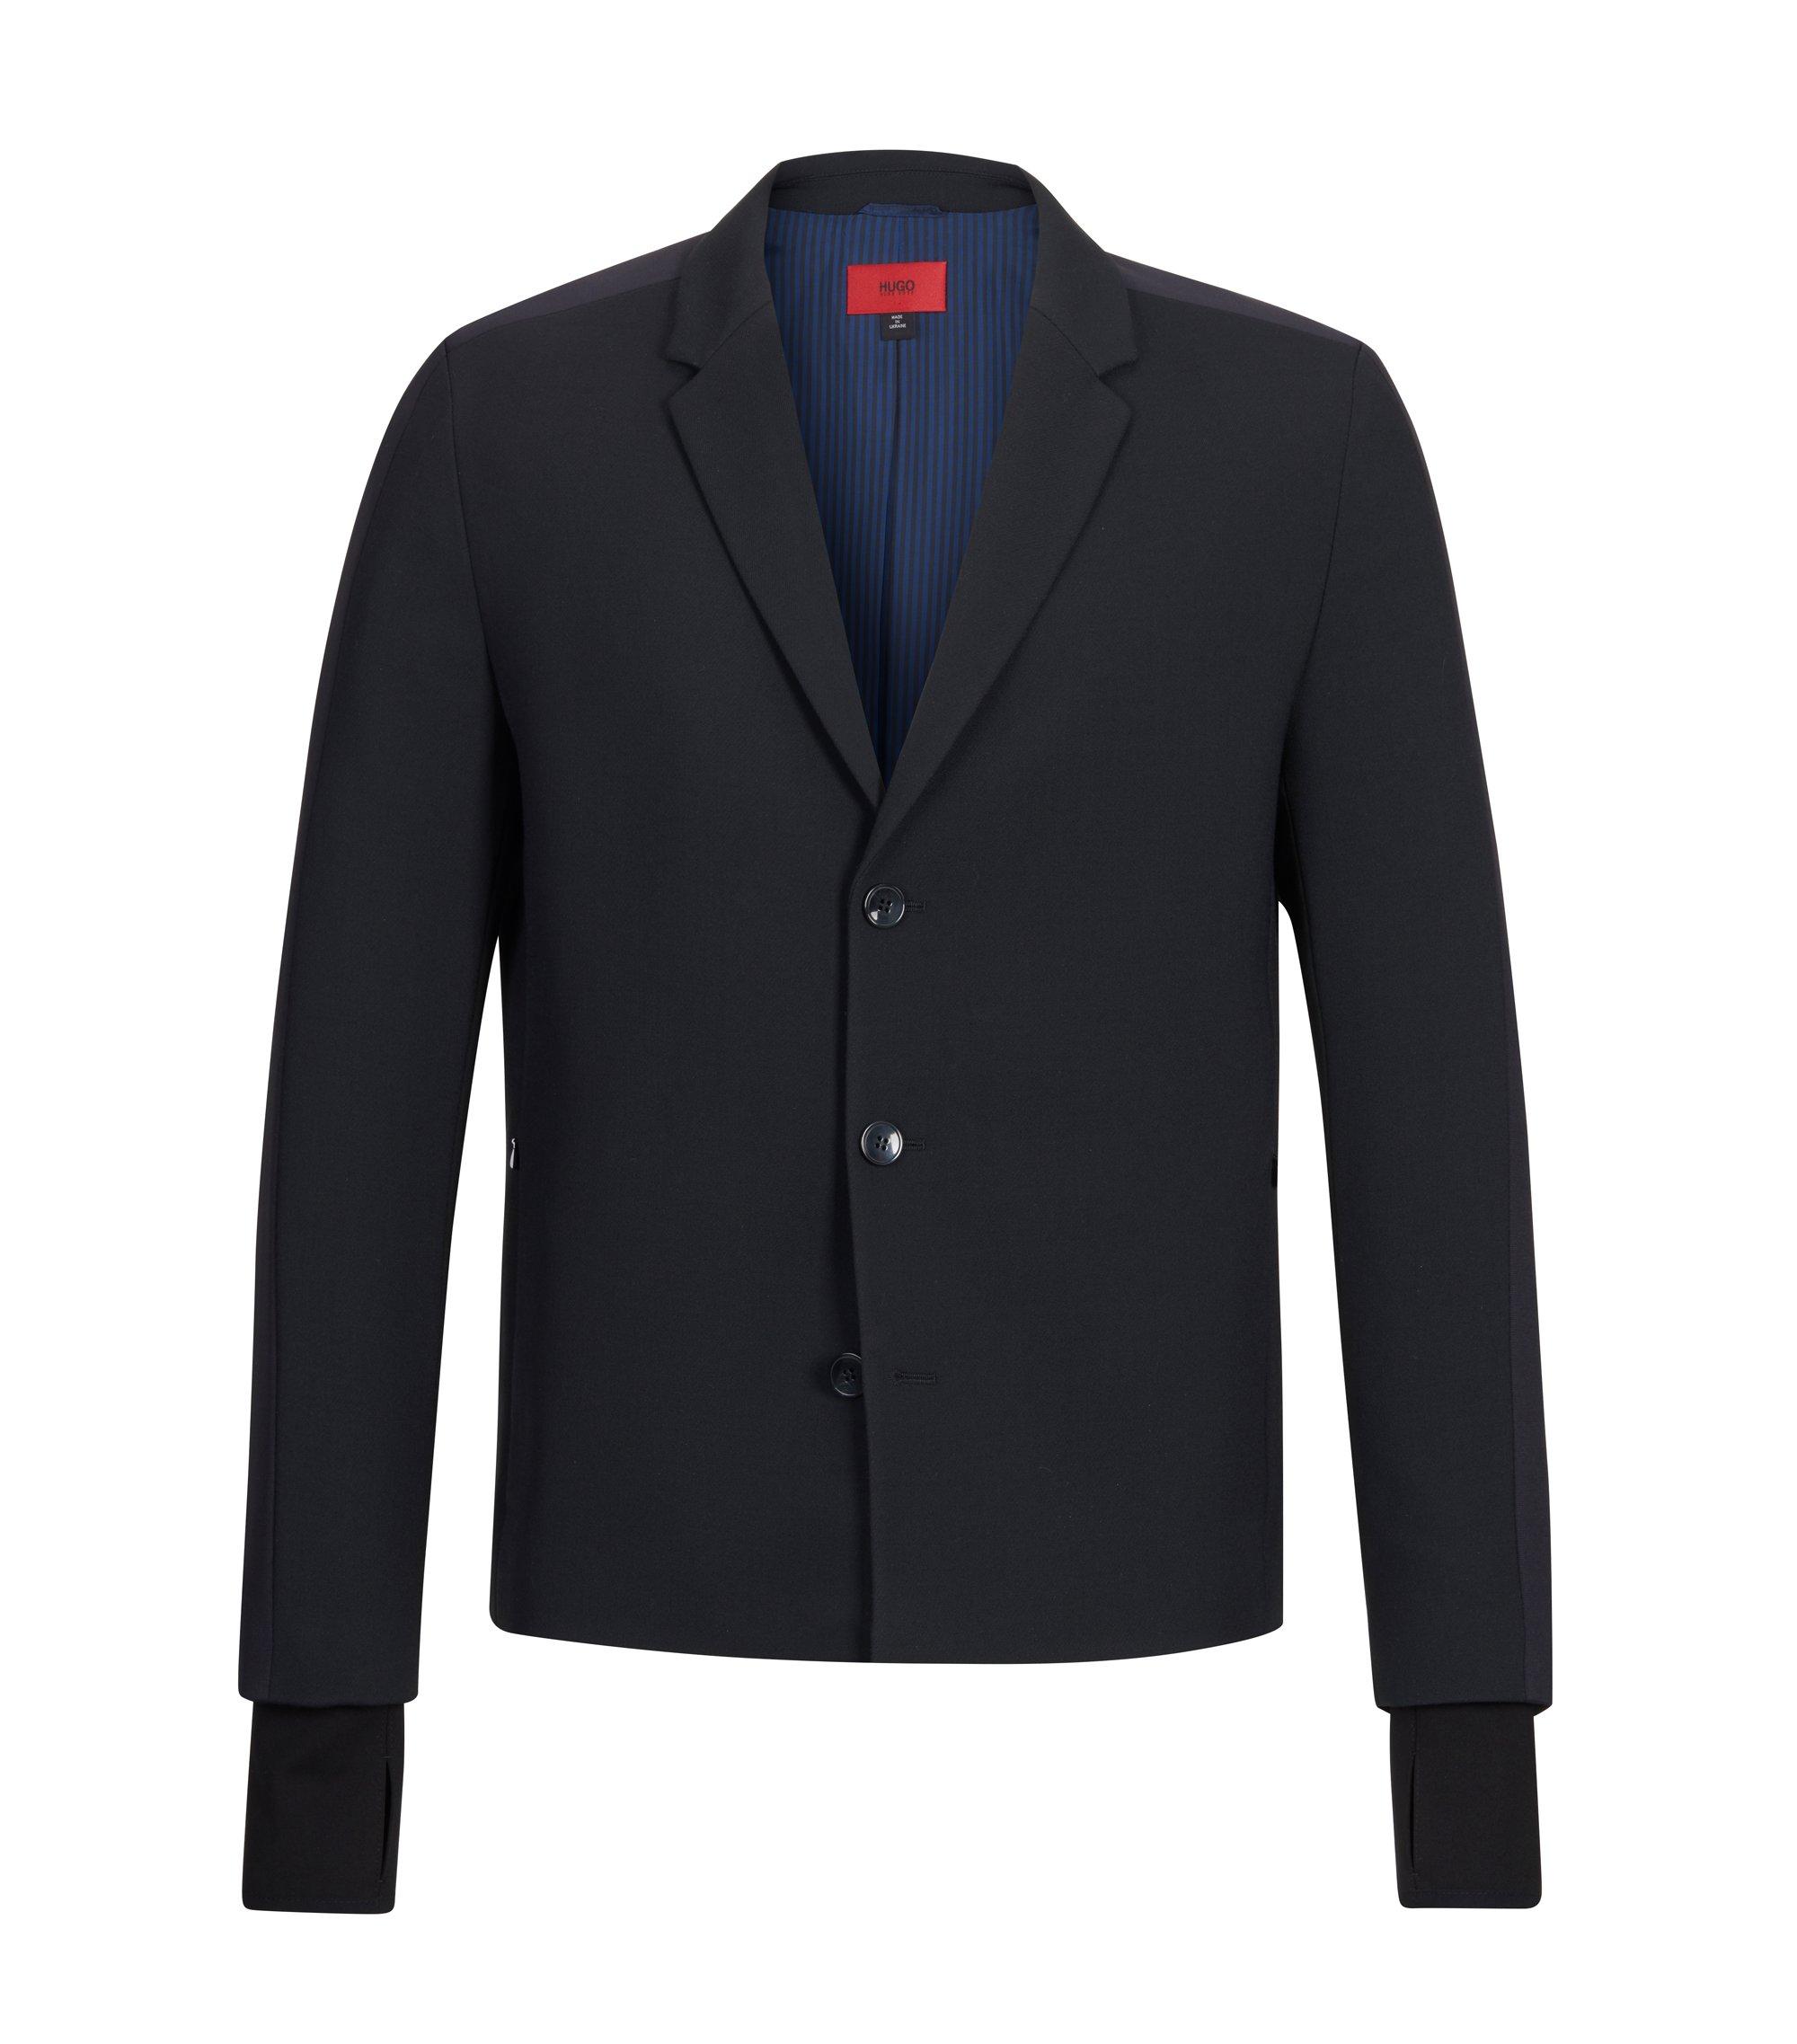 Virgin Wool Blend Sport Coat, Slim Fit   Alekto, Black